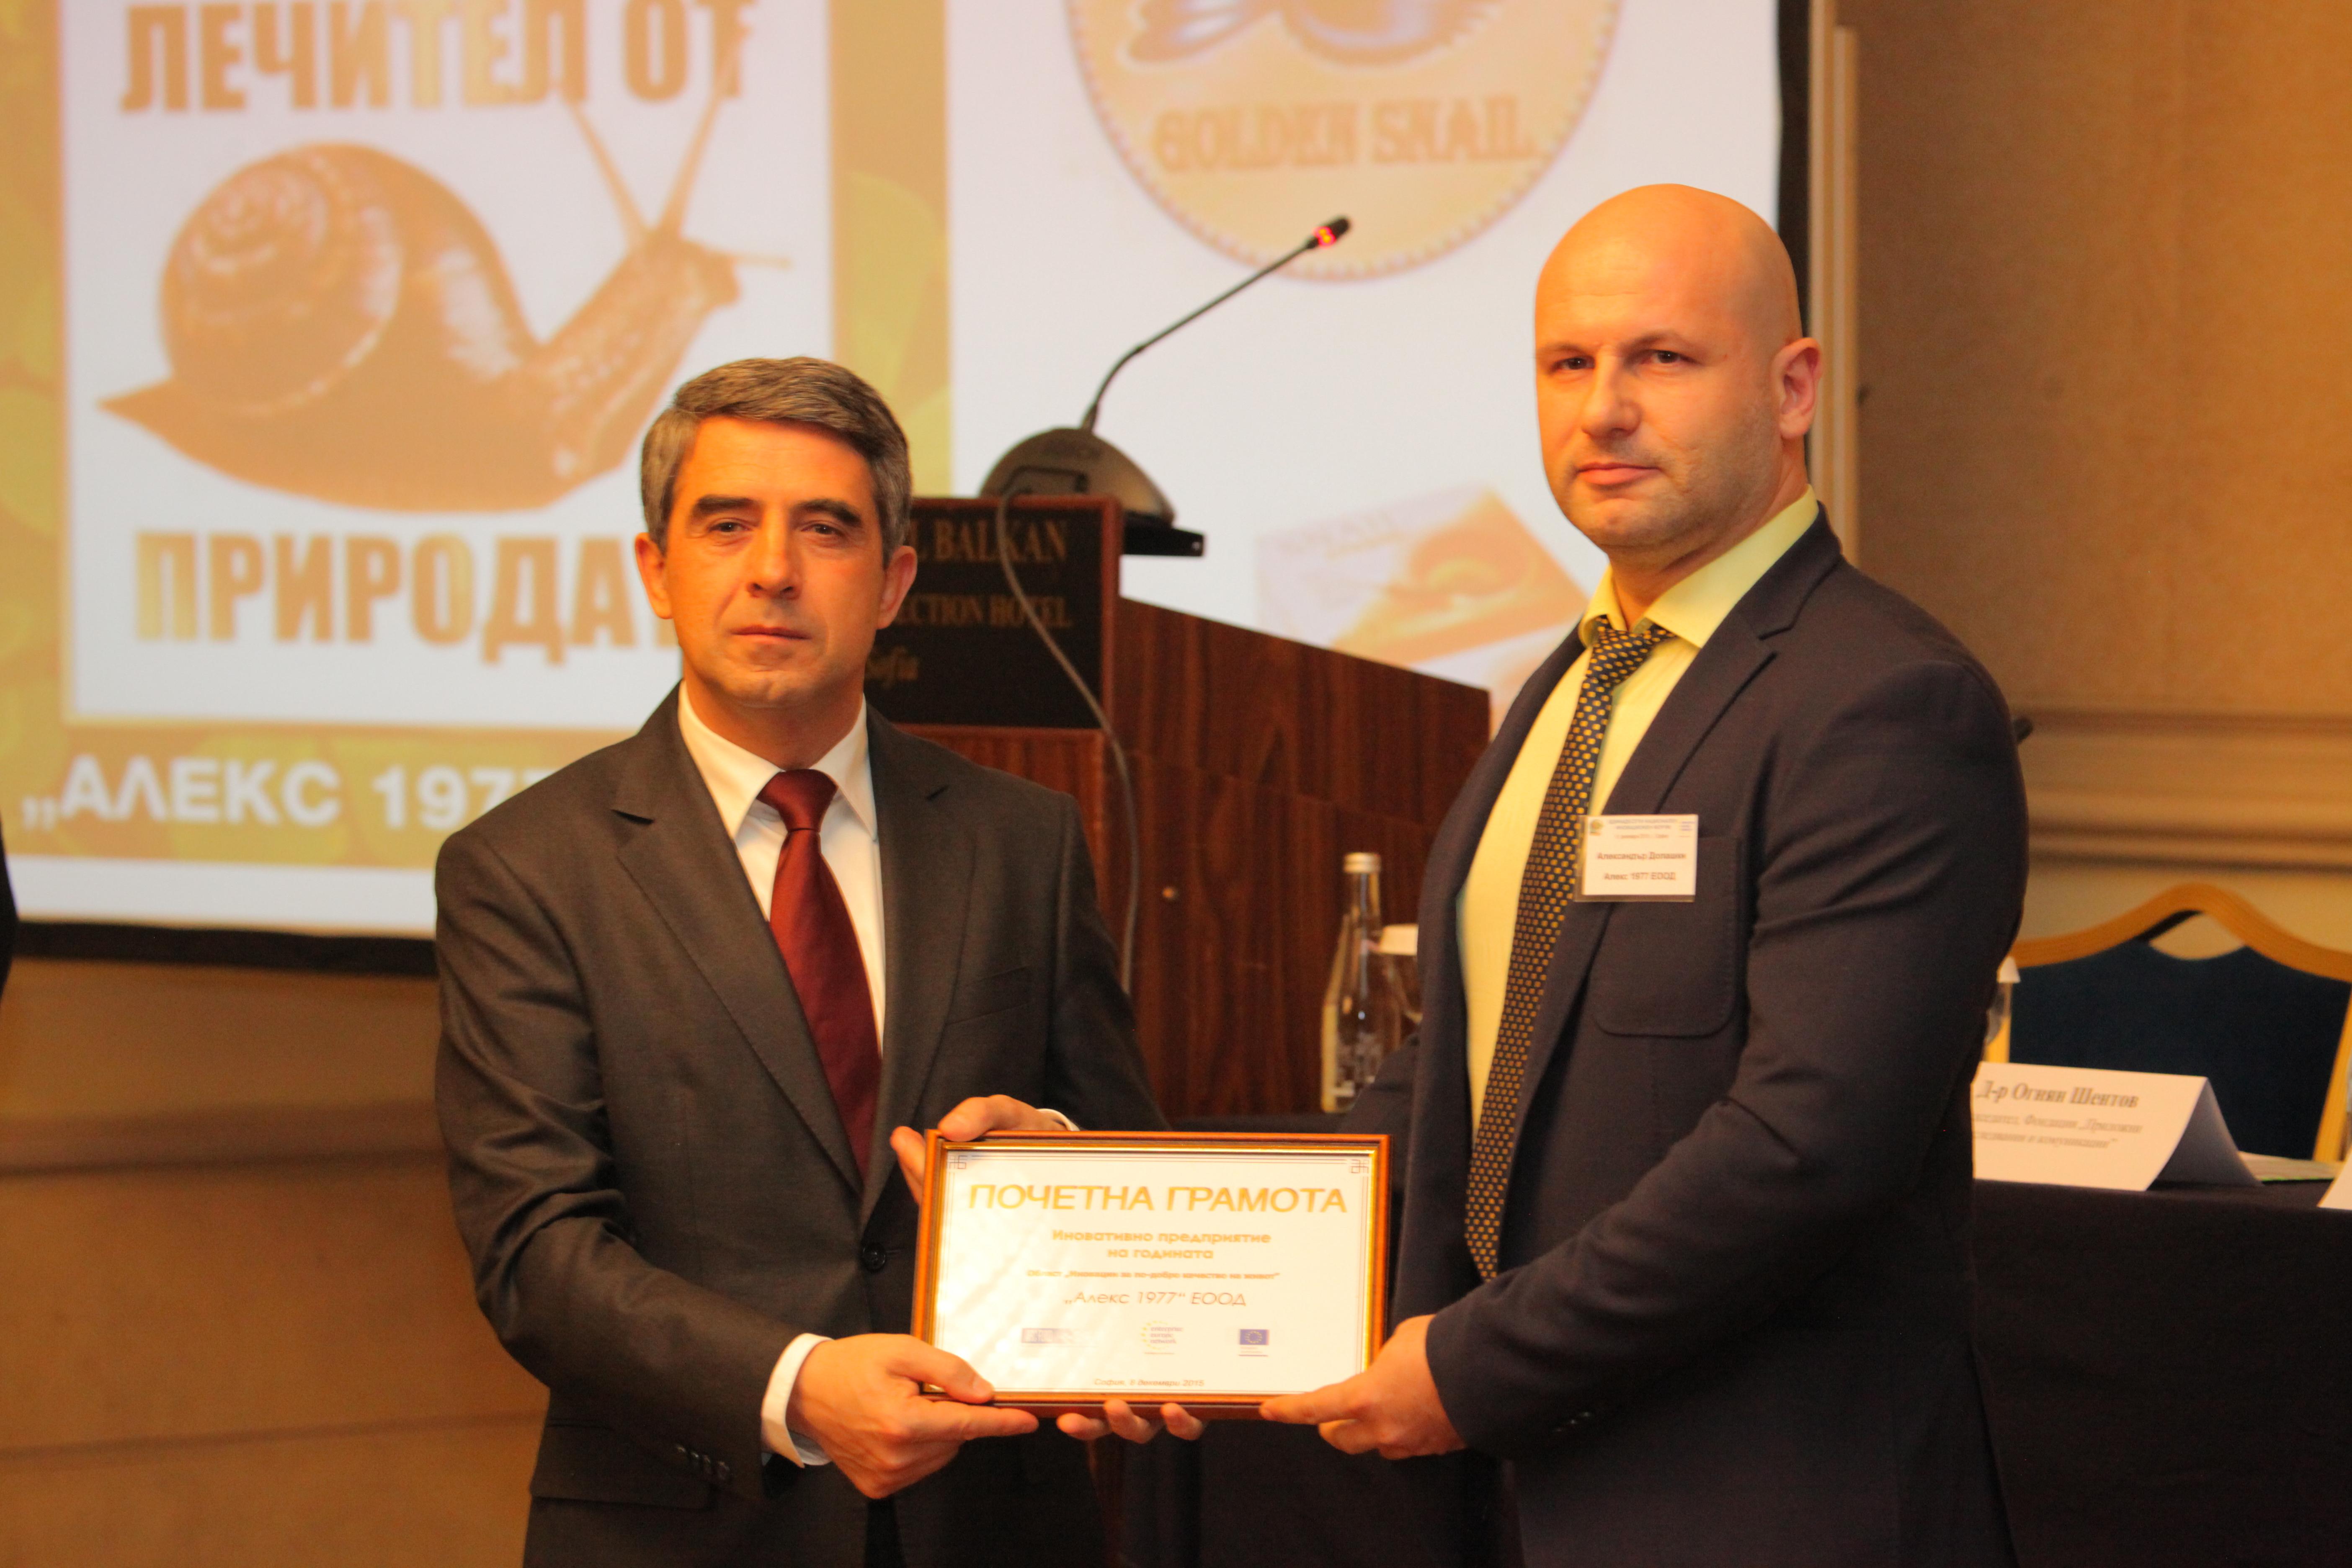 Награда_от_президента_Плевнелиев_08.12_.2015_2_.jpg /5616x3744/